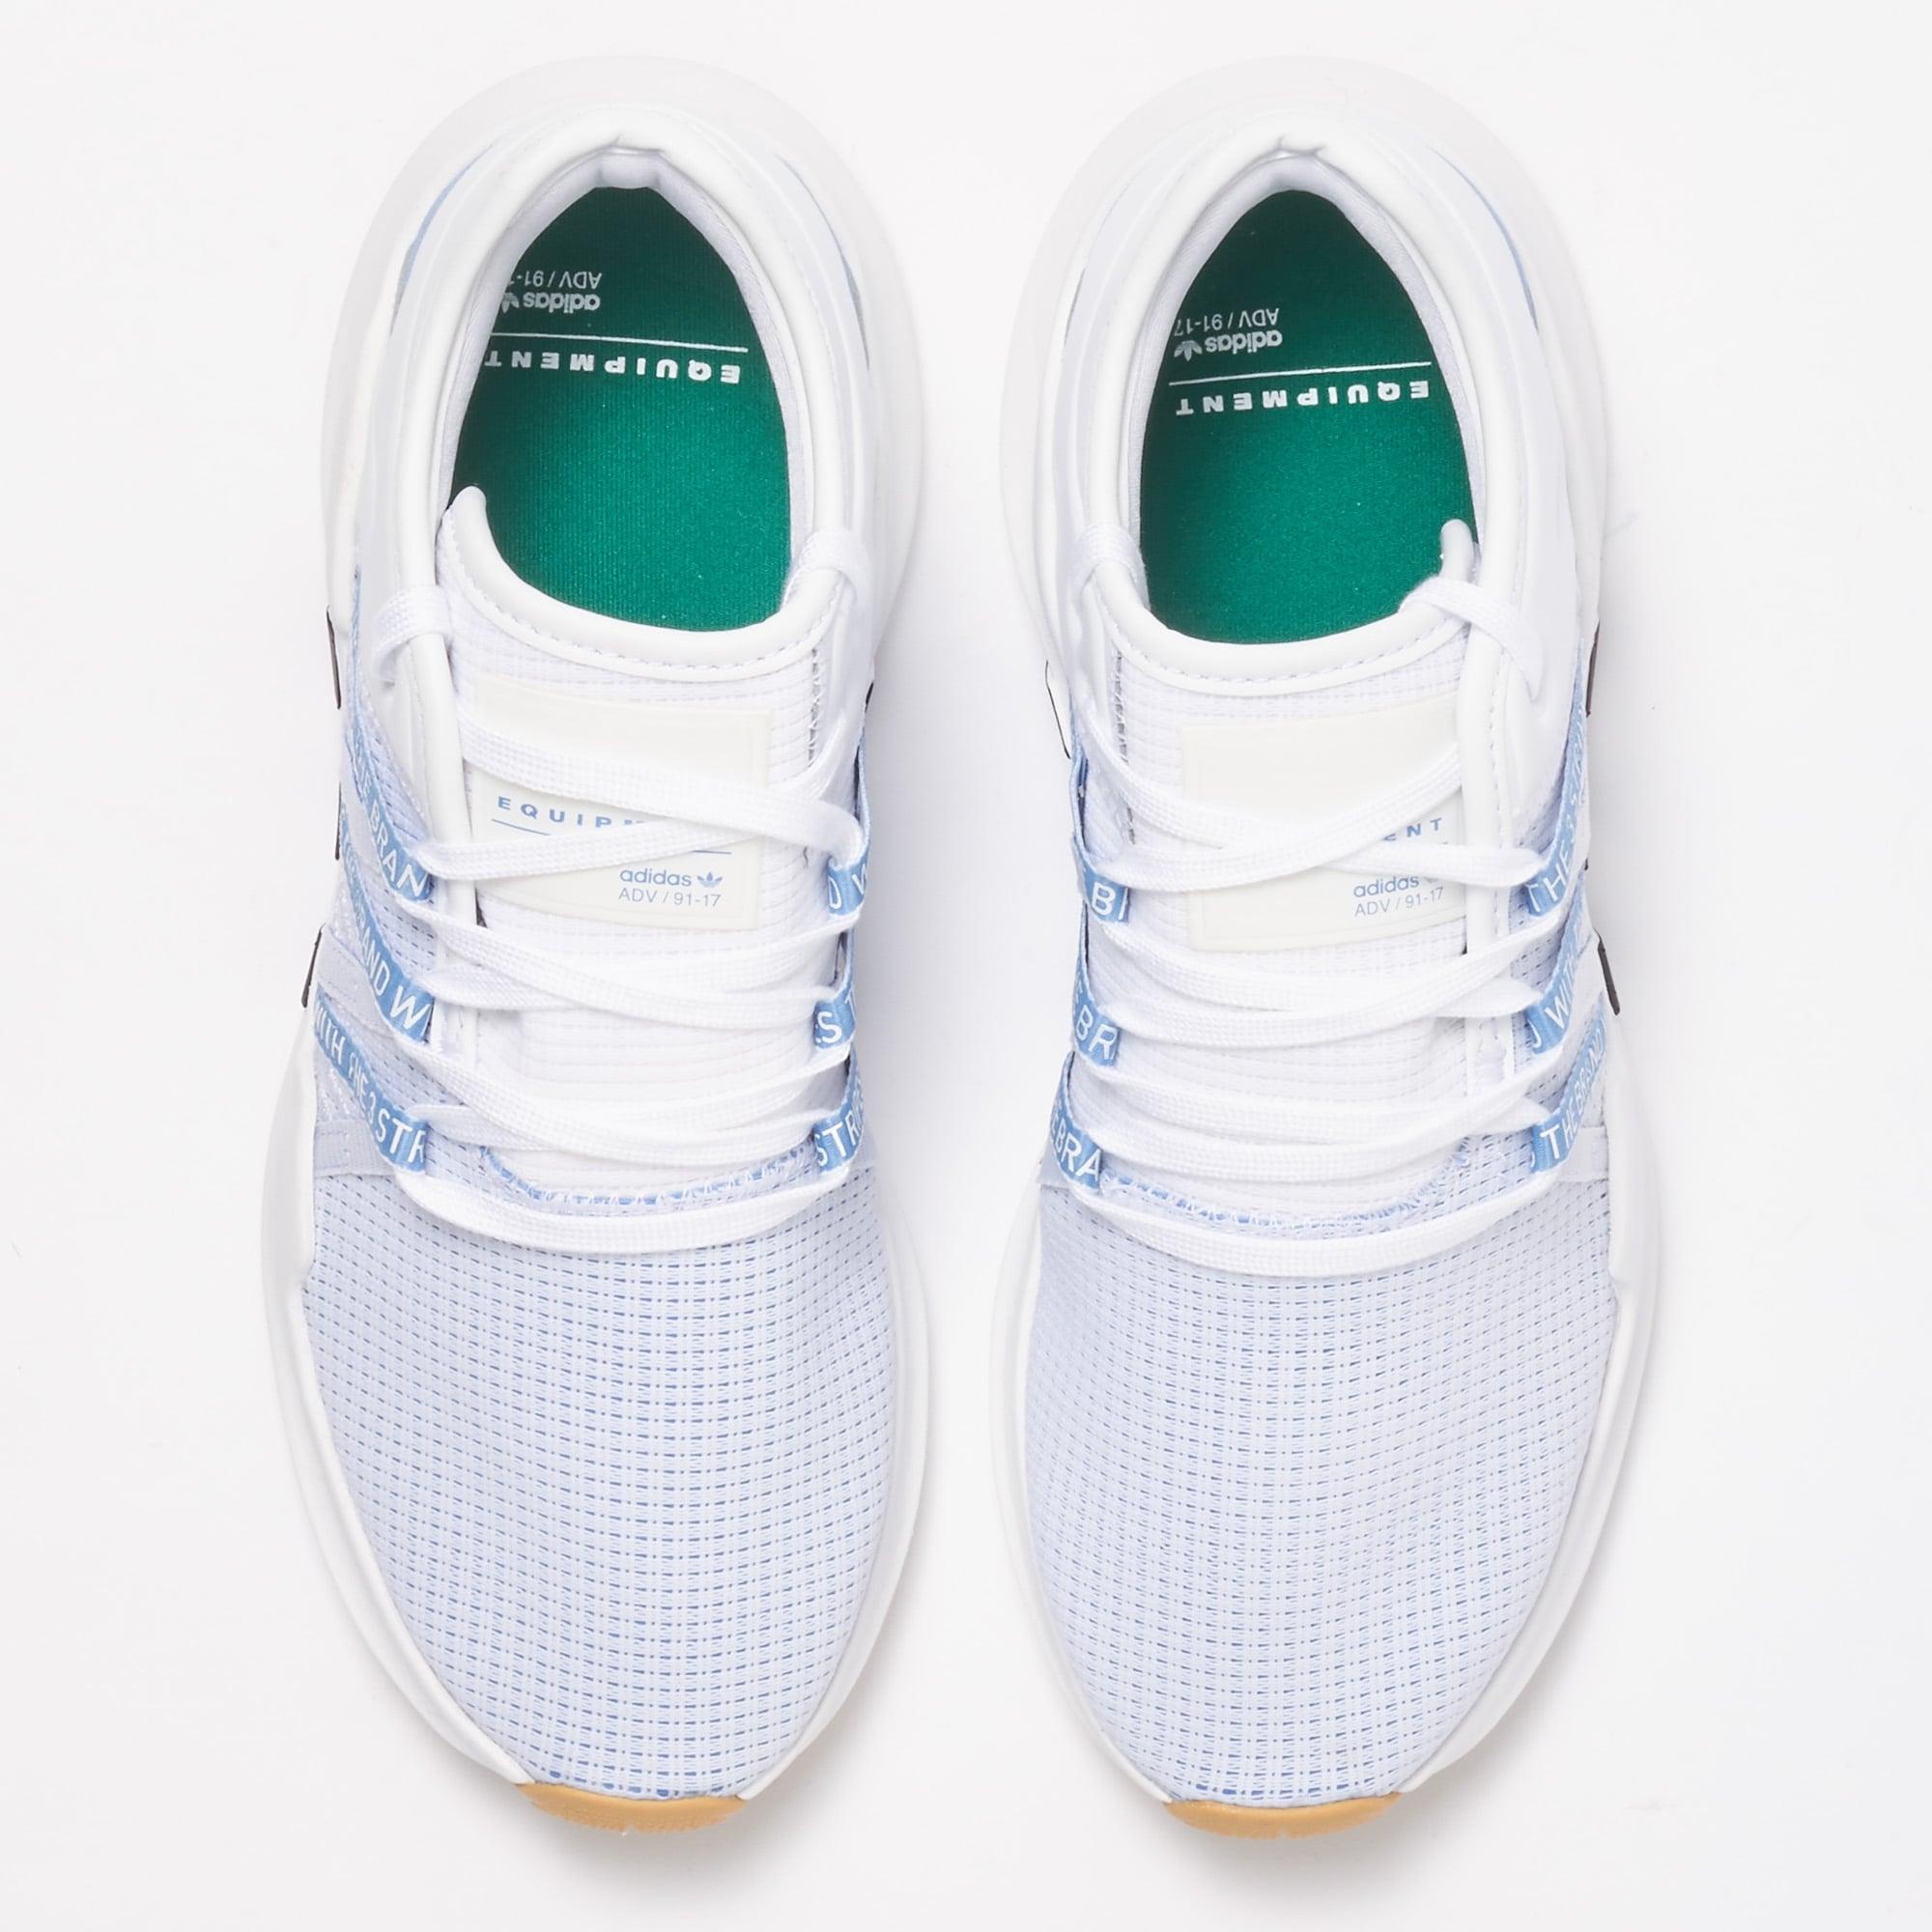 8962ebbf60fc Adidas White   Ash Blue EQT ADV Racing Shoes W CQ2155